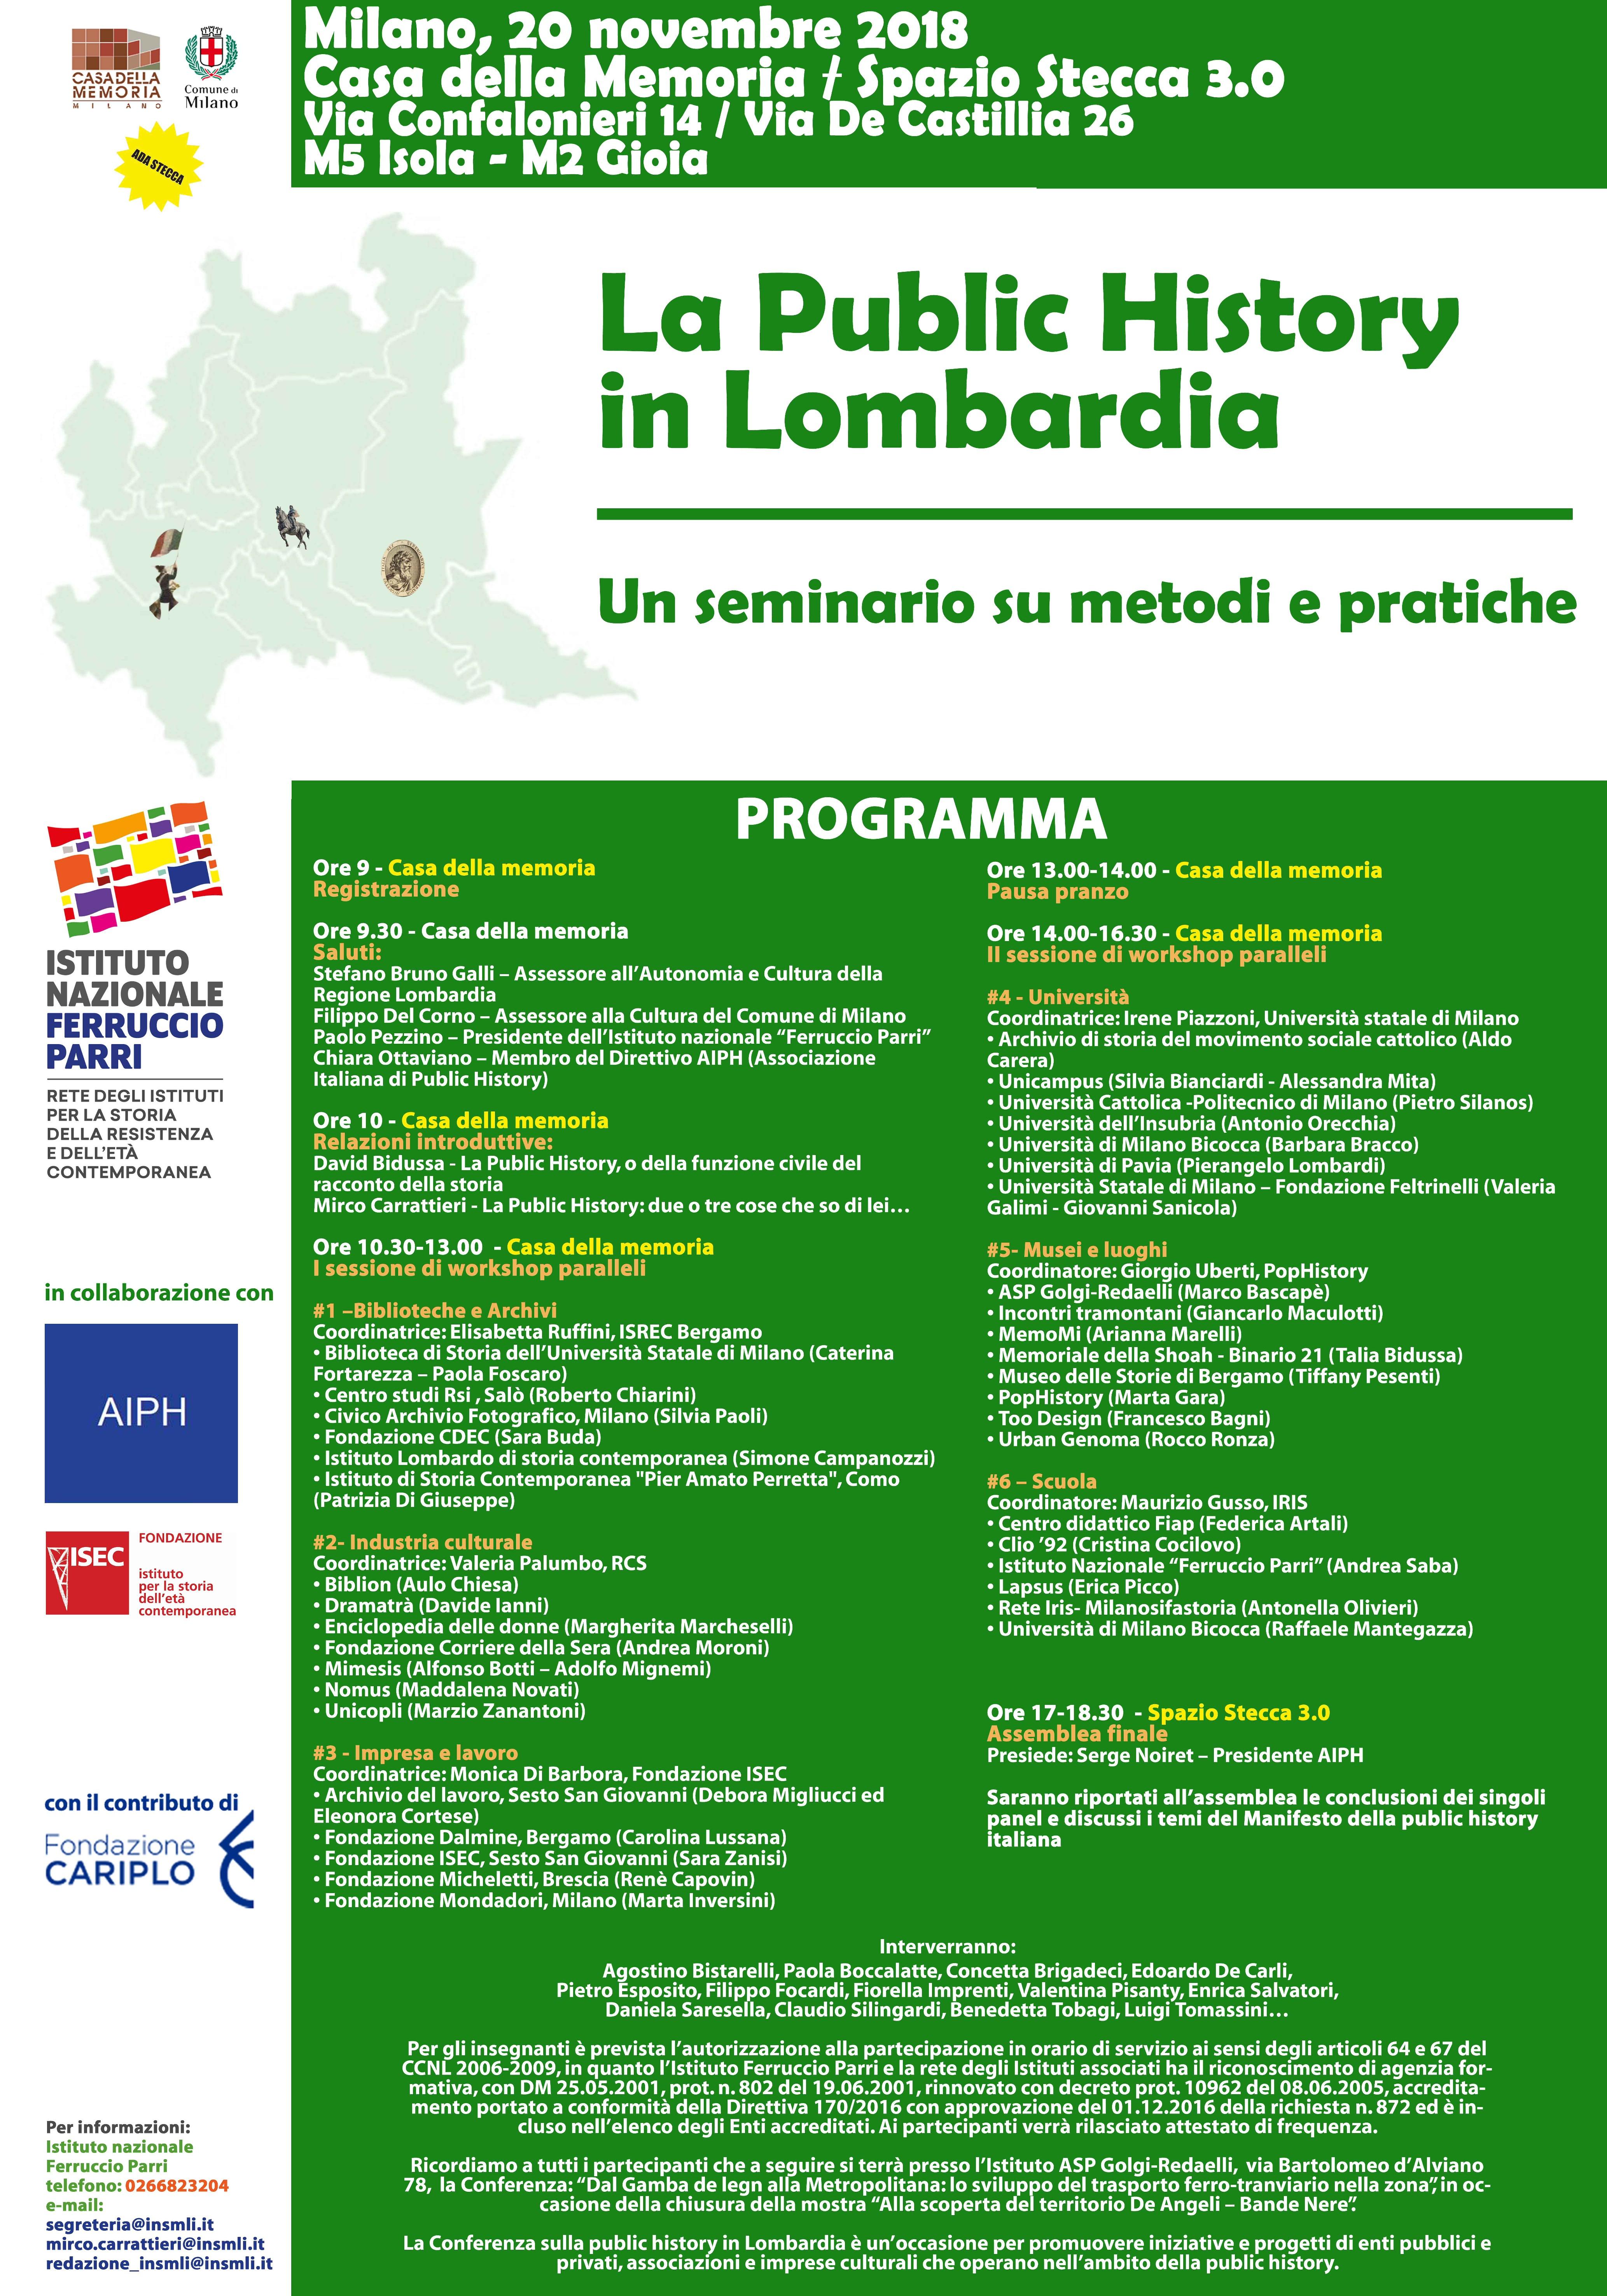 La Public History in Lombardia